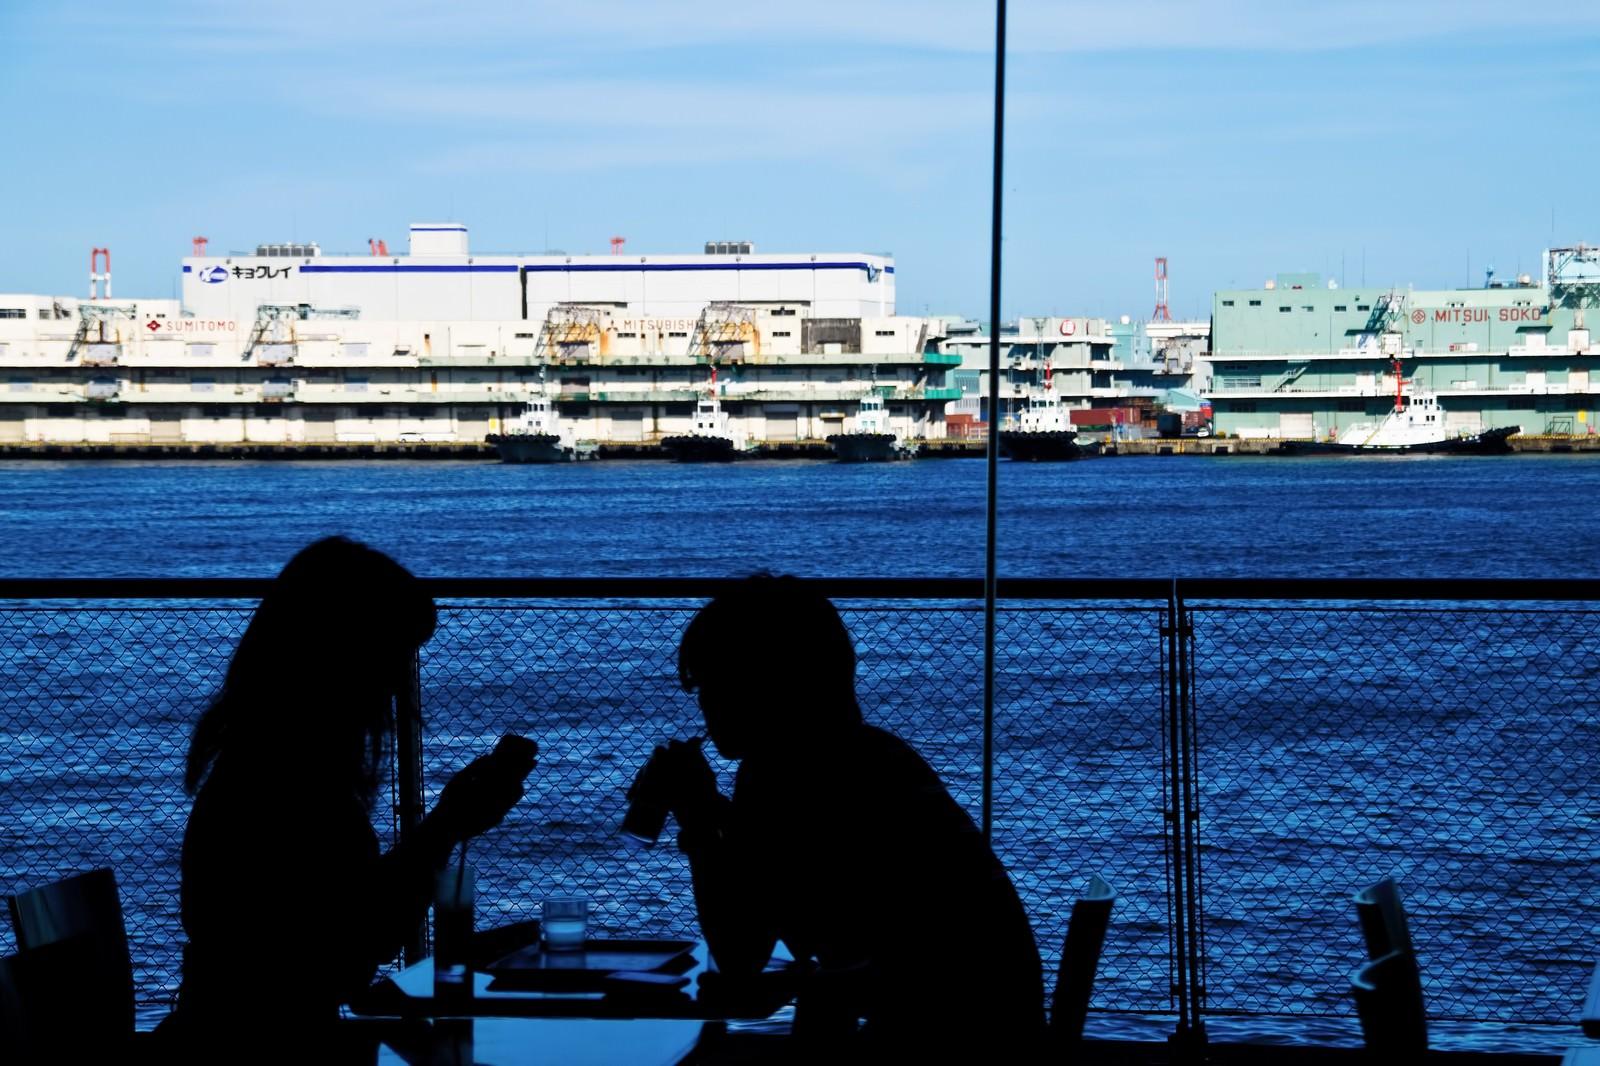 「海が見える窓辺の恋人海が見える窓辺の恋人」のフリー写真素材